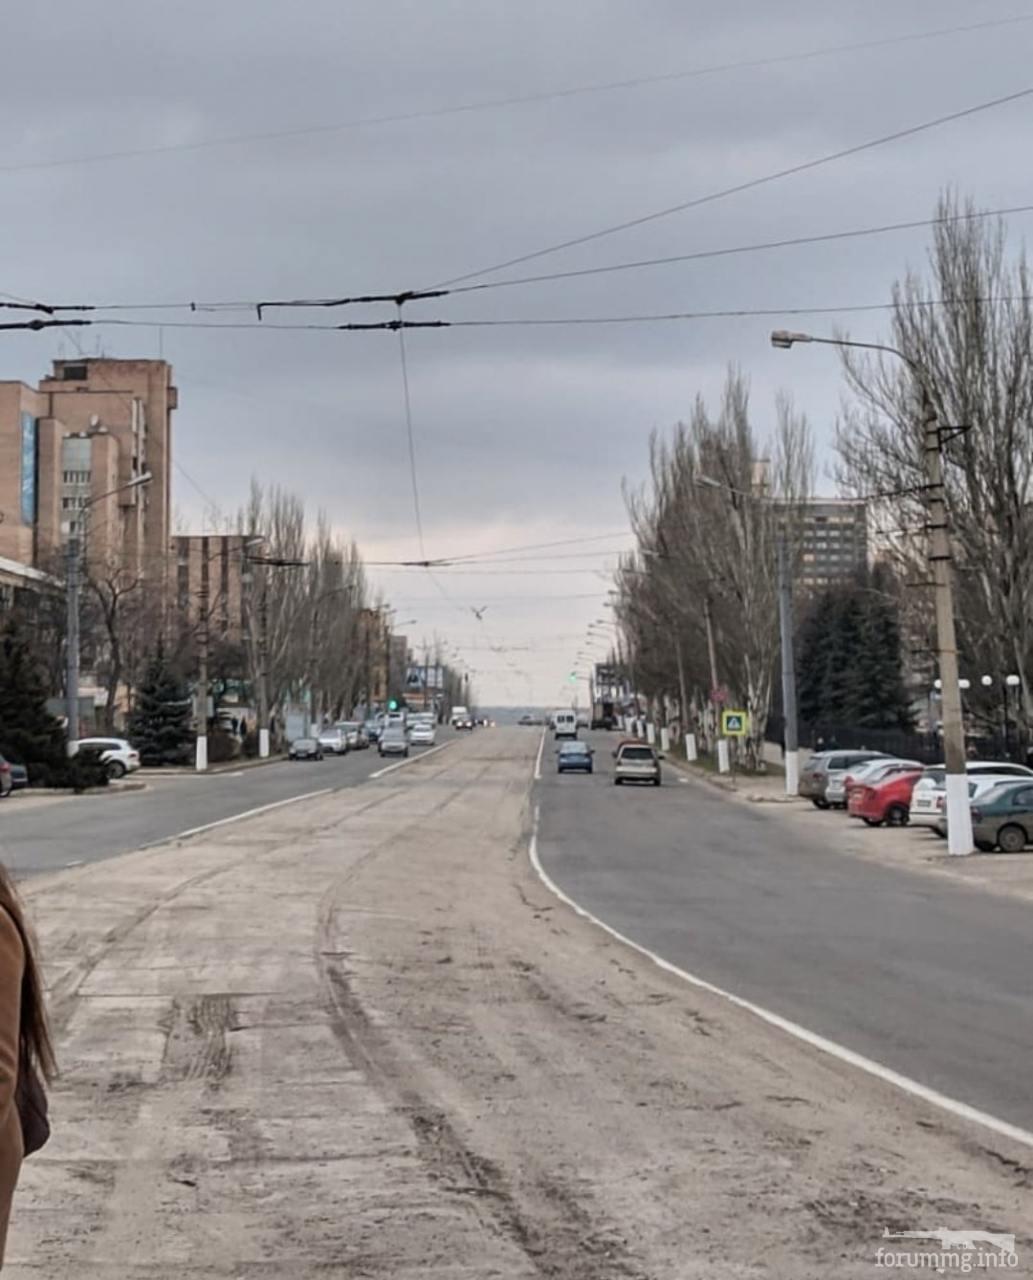 127801 - Командование ДНР представило украинский ударный беспилотник Supervisor SM 2, сбитый над Макеевкой